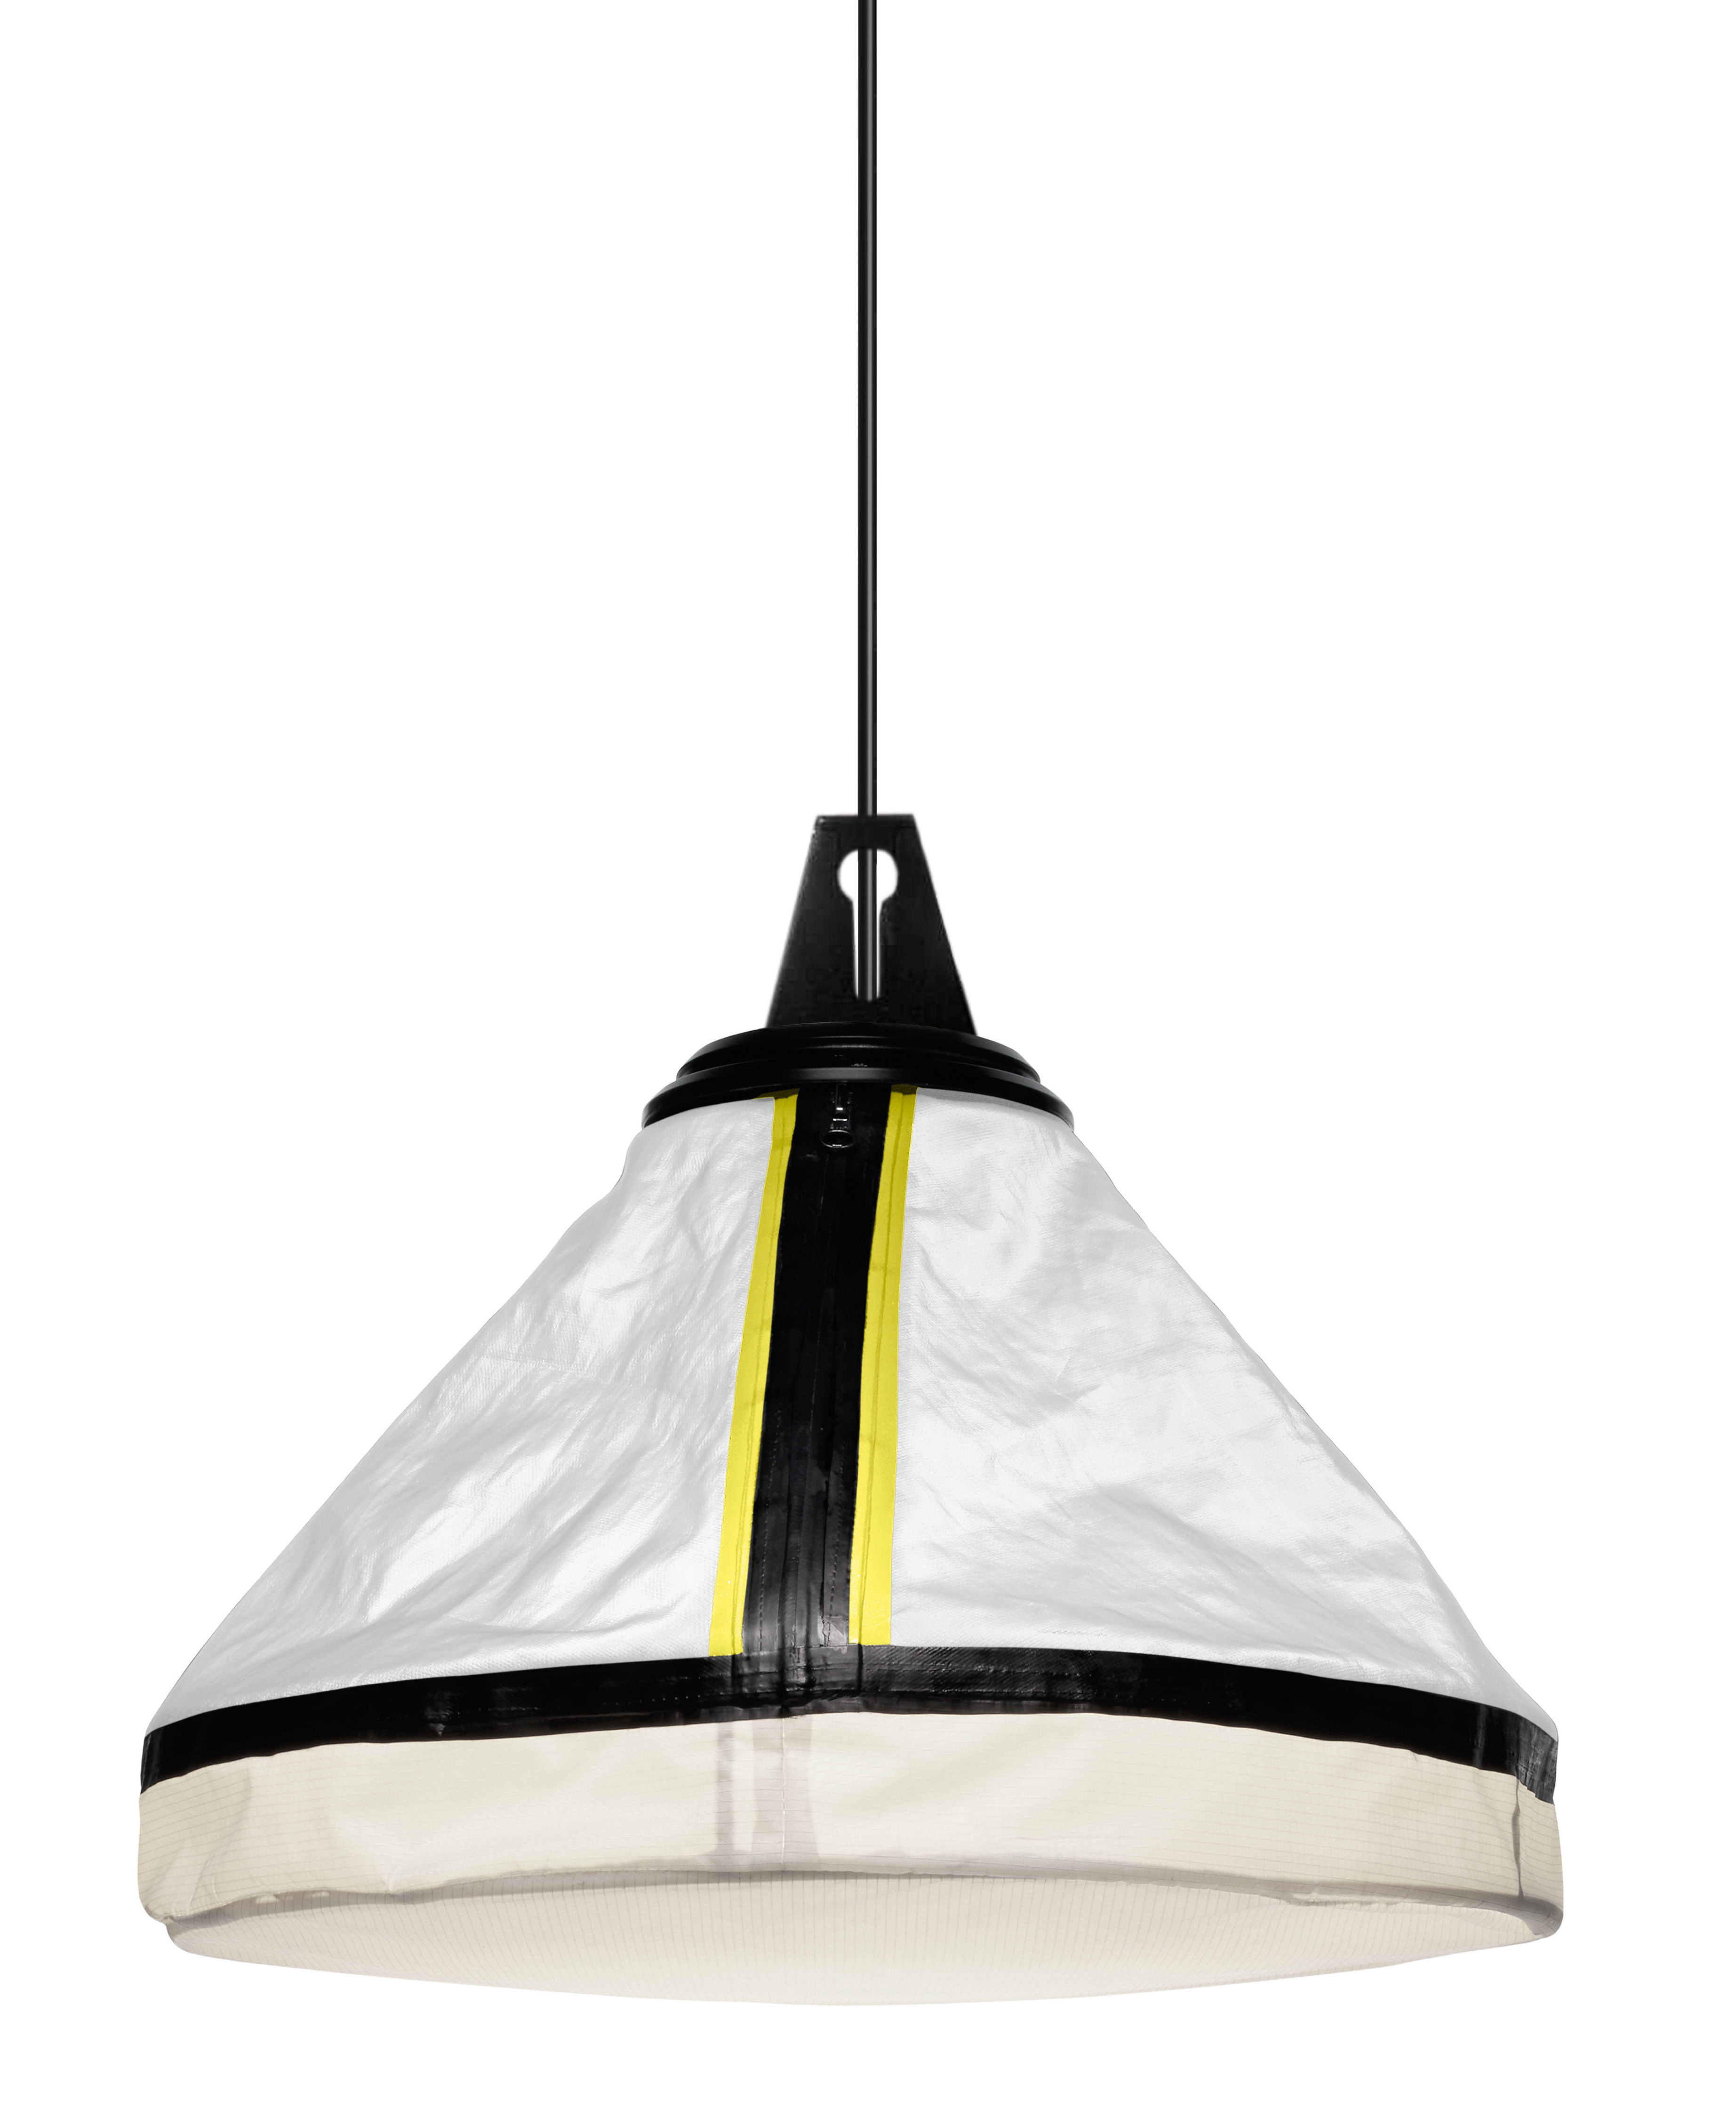 Illuminazione - Lampadari - Sospensione Drumbox - Ø 45 cm x H 37 cm di Diesel with Foscarini - Bianco con bordino giallo fosforescente - Metallo, Tessuto